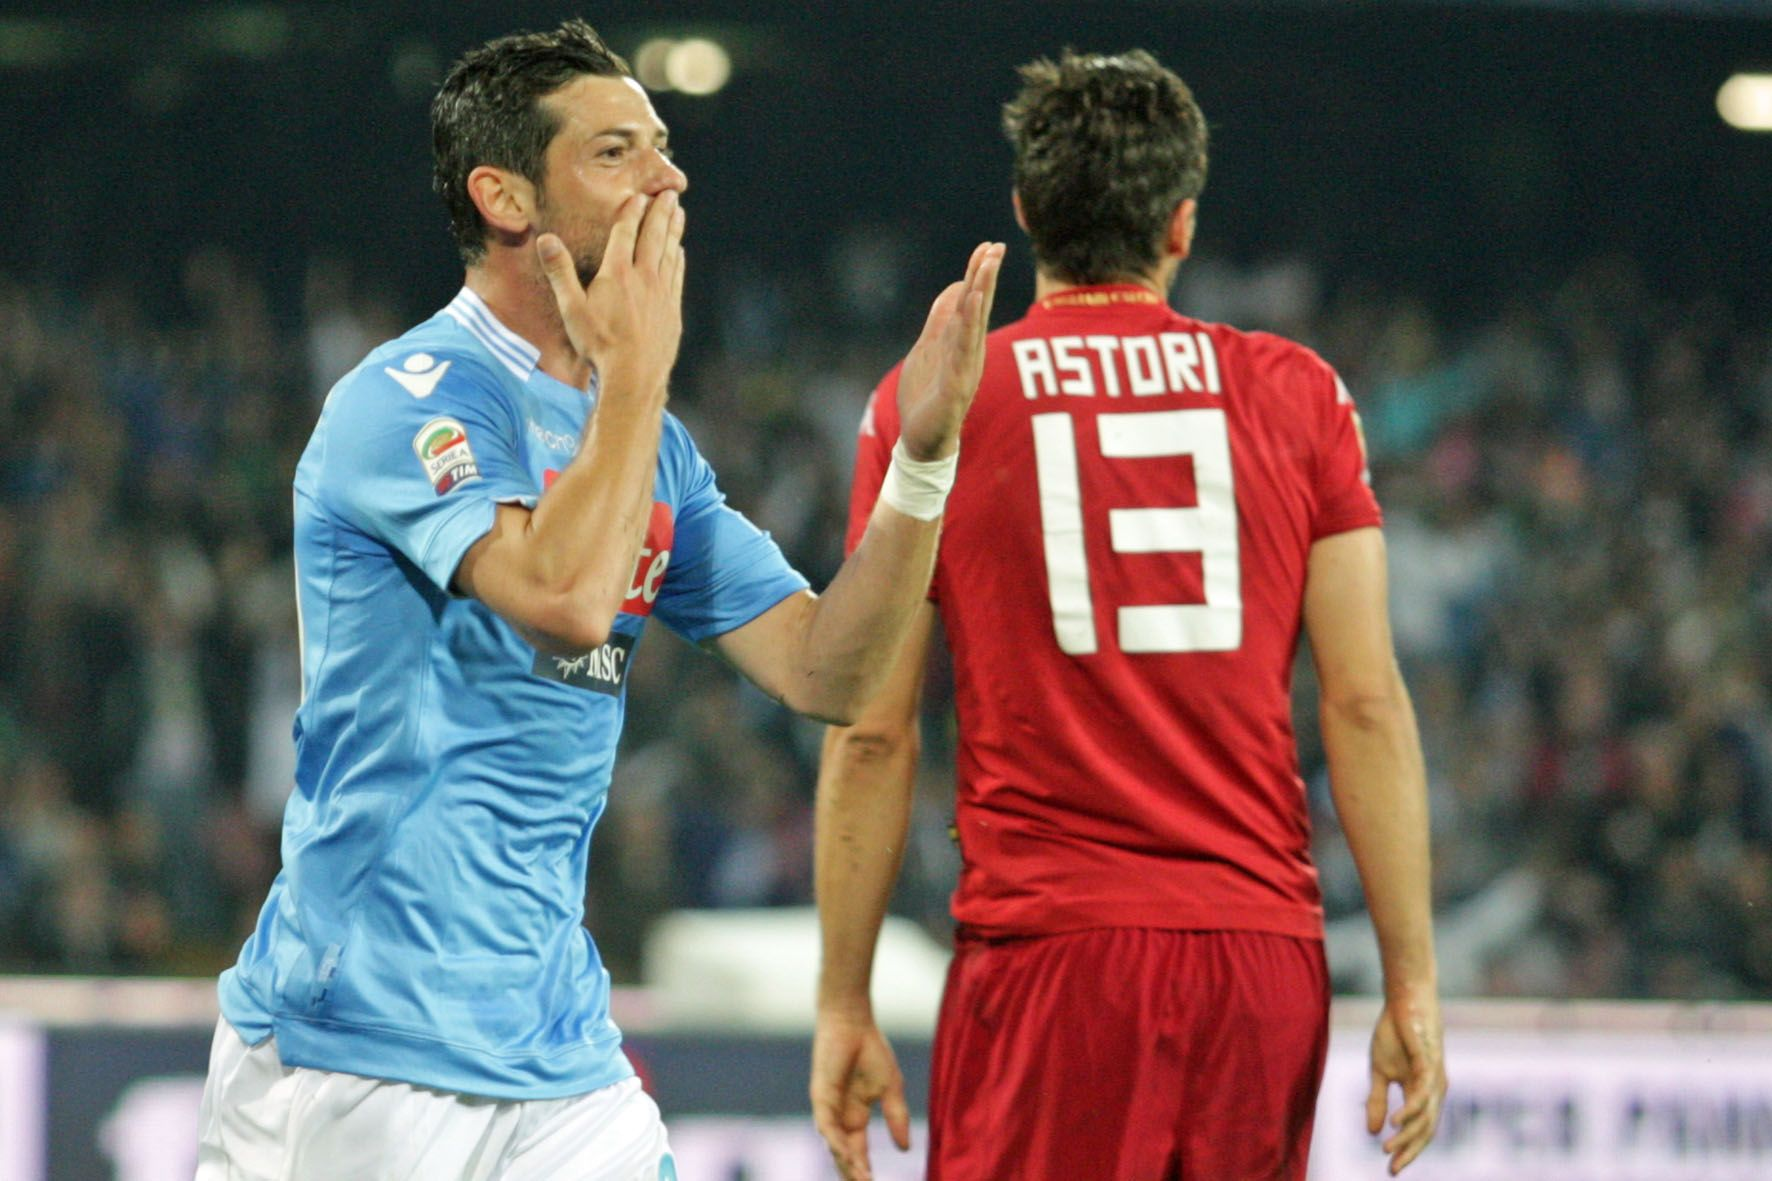 Napoli-Cagliari 3-0: azzurri vincono il posticipo della 36esima giornata